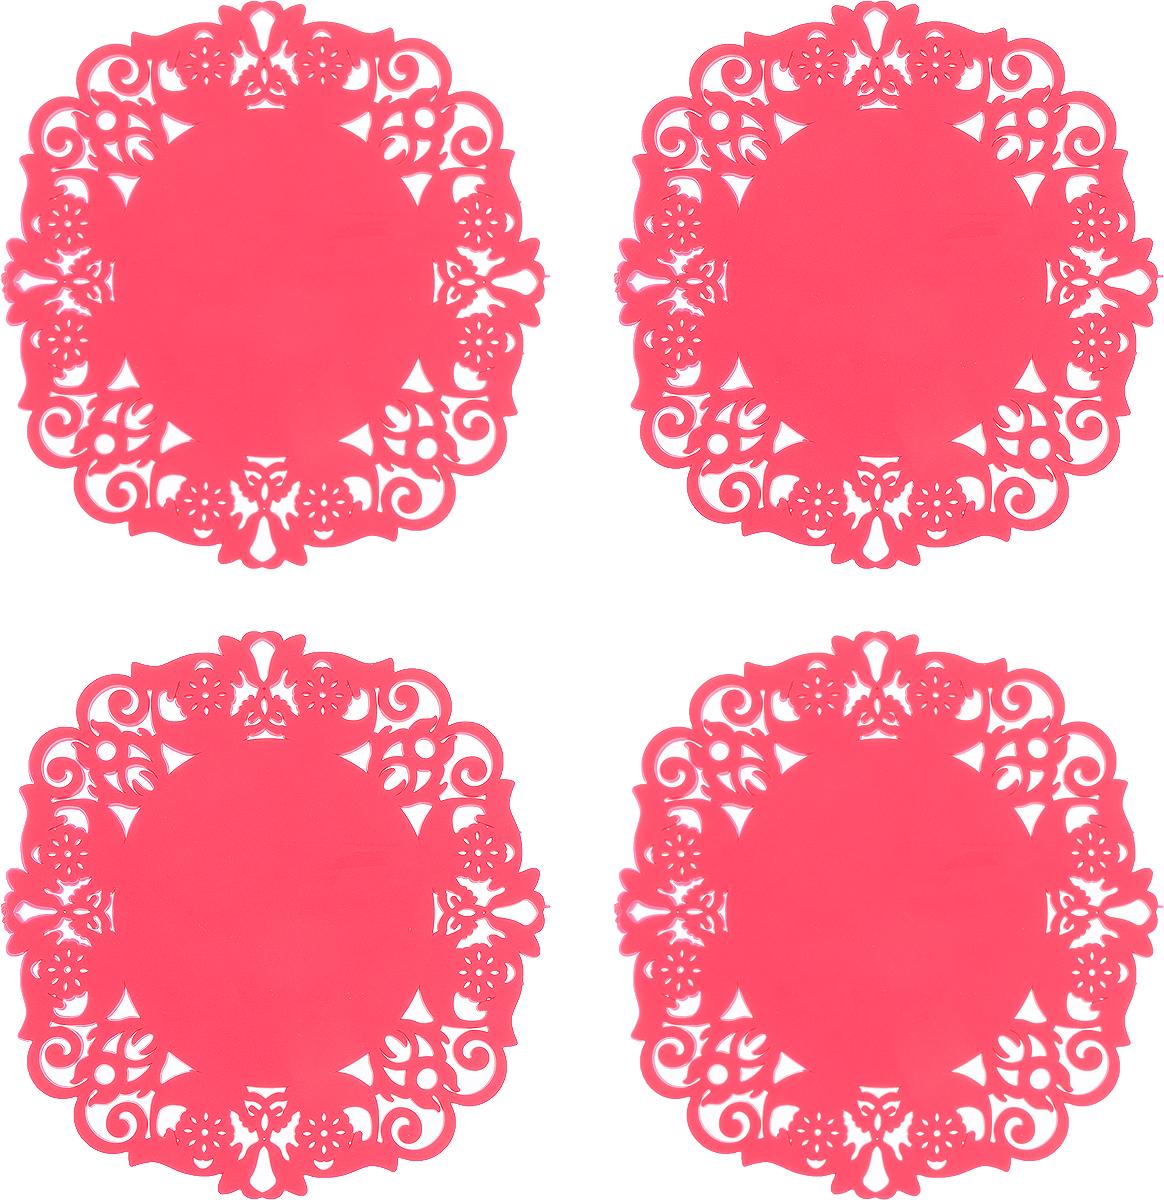 """Набор Доляна """"Чаепитие"""" состоит из 4 силиконовых подставок под горячее.  Силиконовая подставка под горячее - практичный предмет, который обязательно пригодится в хозяйстве. Изделие поможет сберечь столы, тумбы, скатерти и клеёнки от повреждения нагретыми кружками с горячим напитком, чайниками и тарелками."""